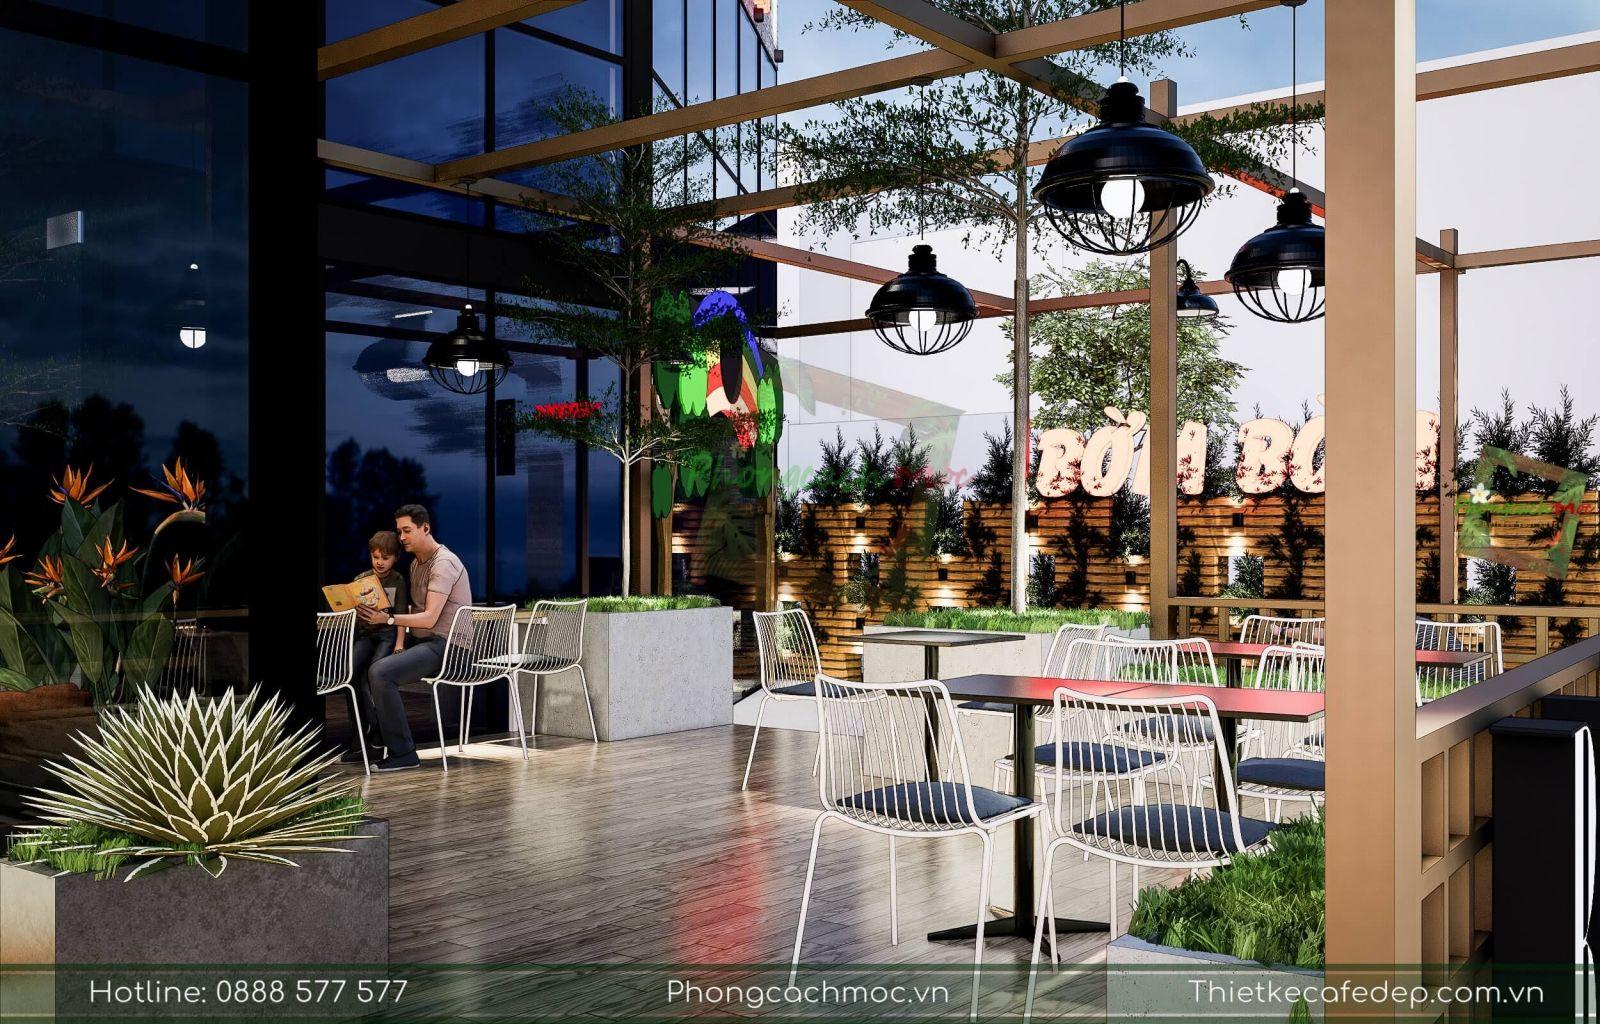 thiết kế không gian nội thất ngoài trời quán cafe diện tích 200m2